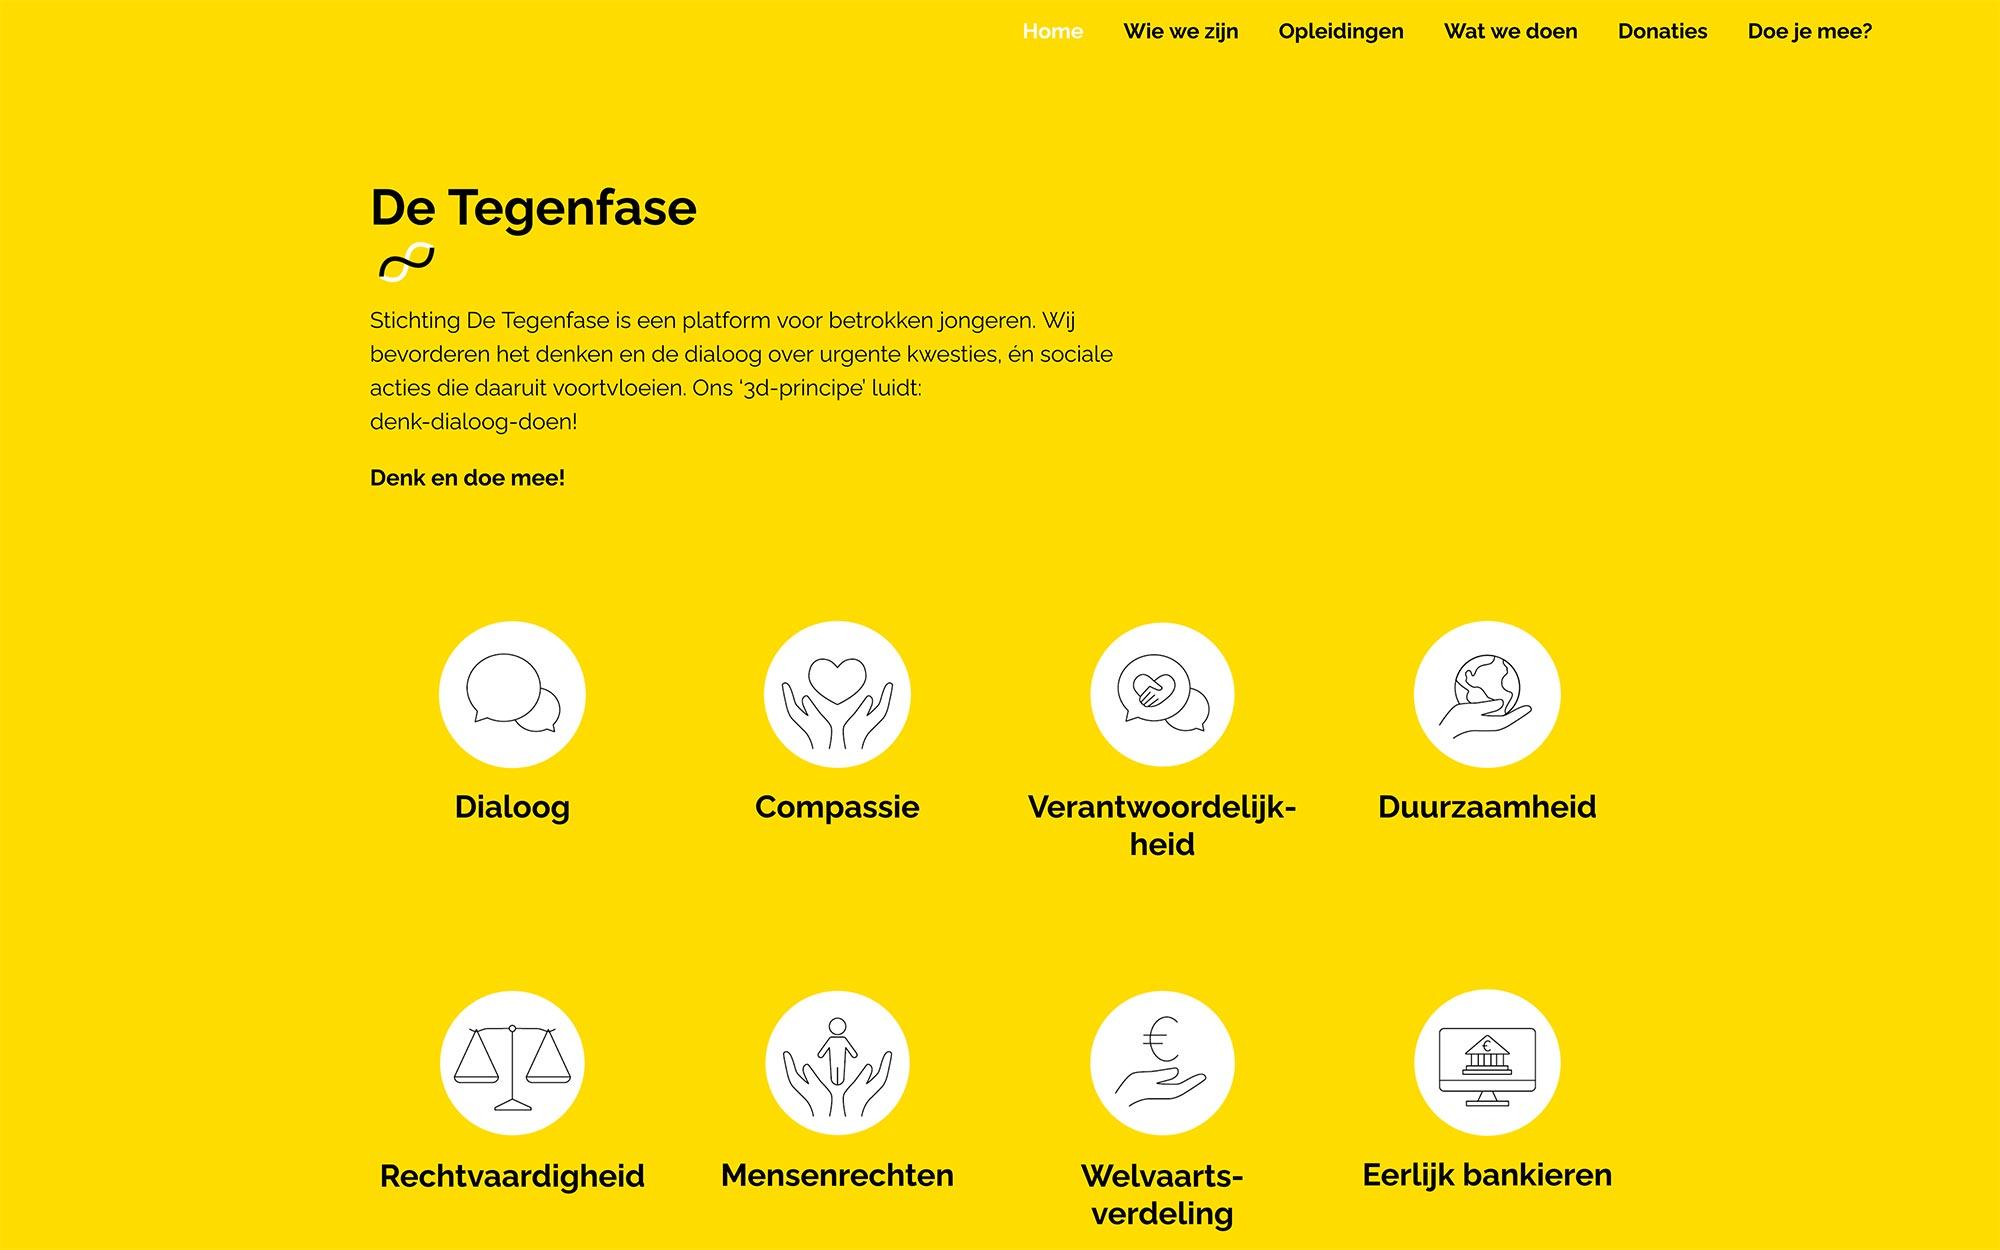 De Tegenfase website JAgd ontwerp 2